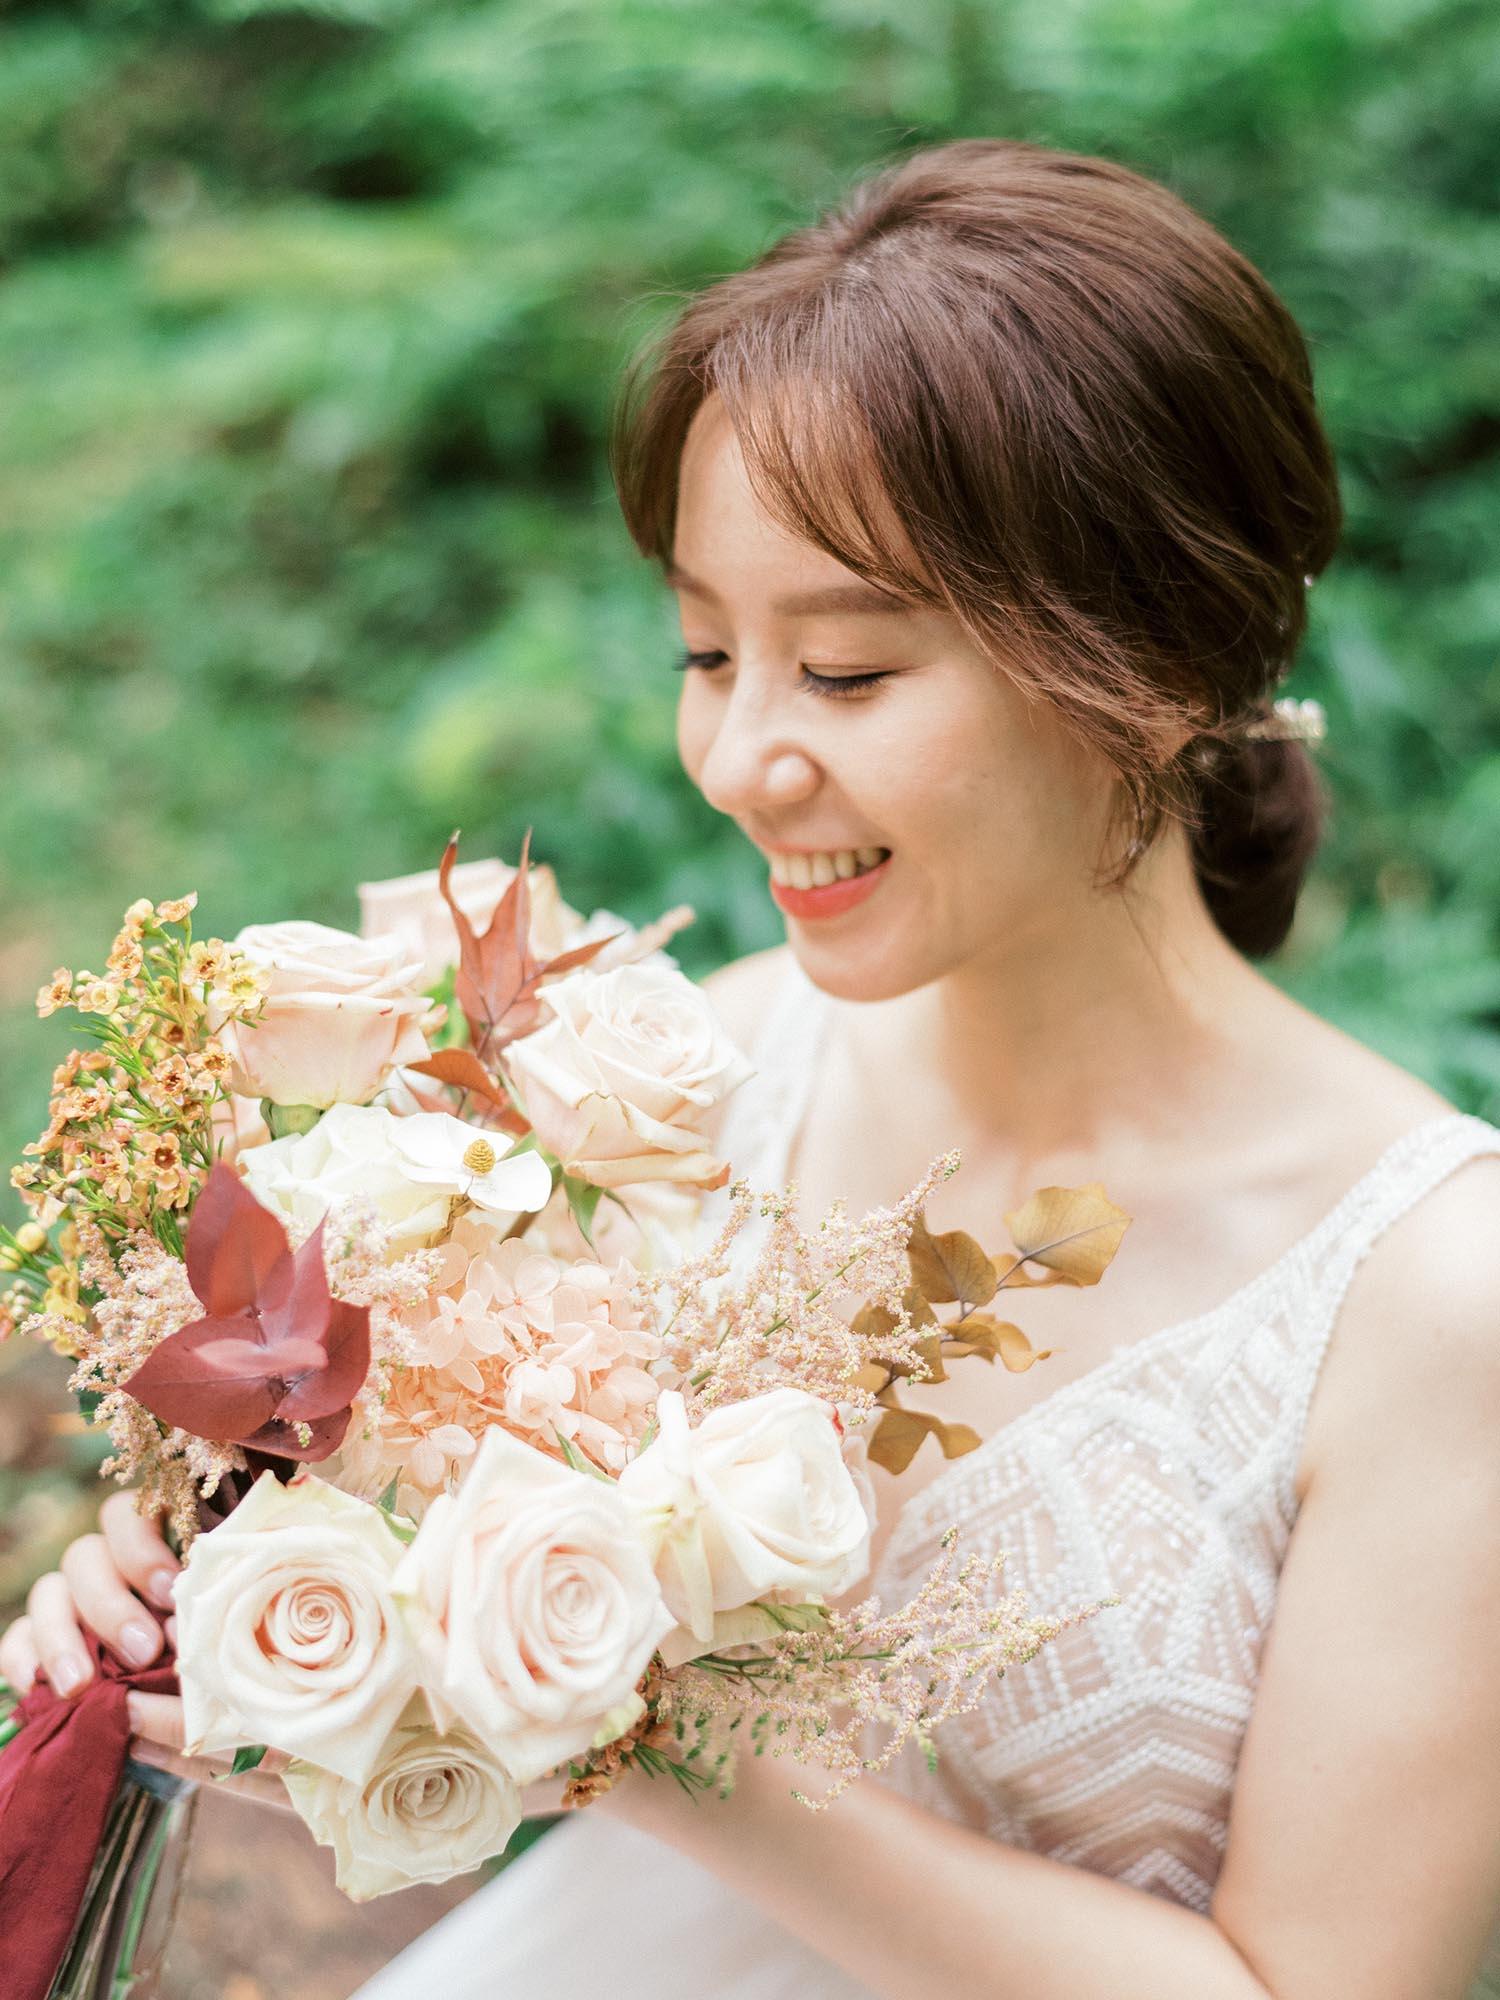 吉兒梁-新娘捧花-底片婚紗-森林-東眼山-美式婚紗-唯諾法式